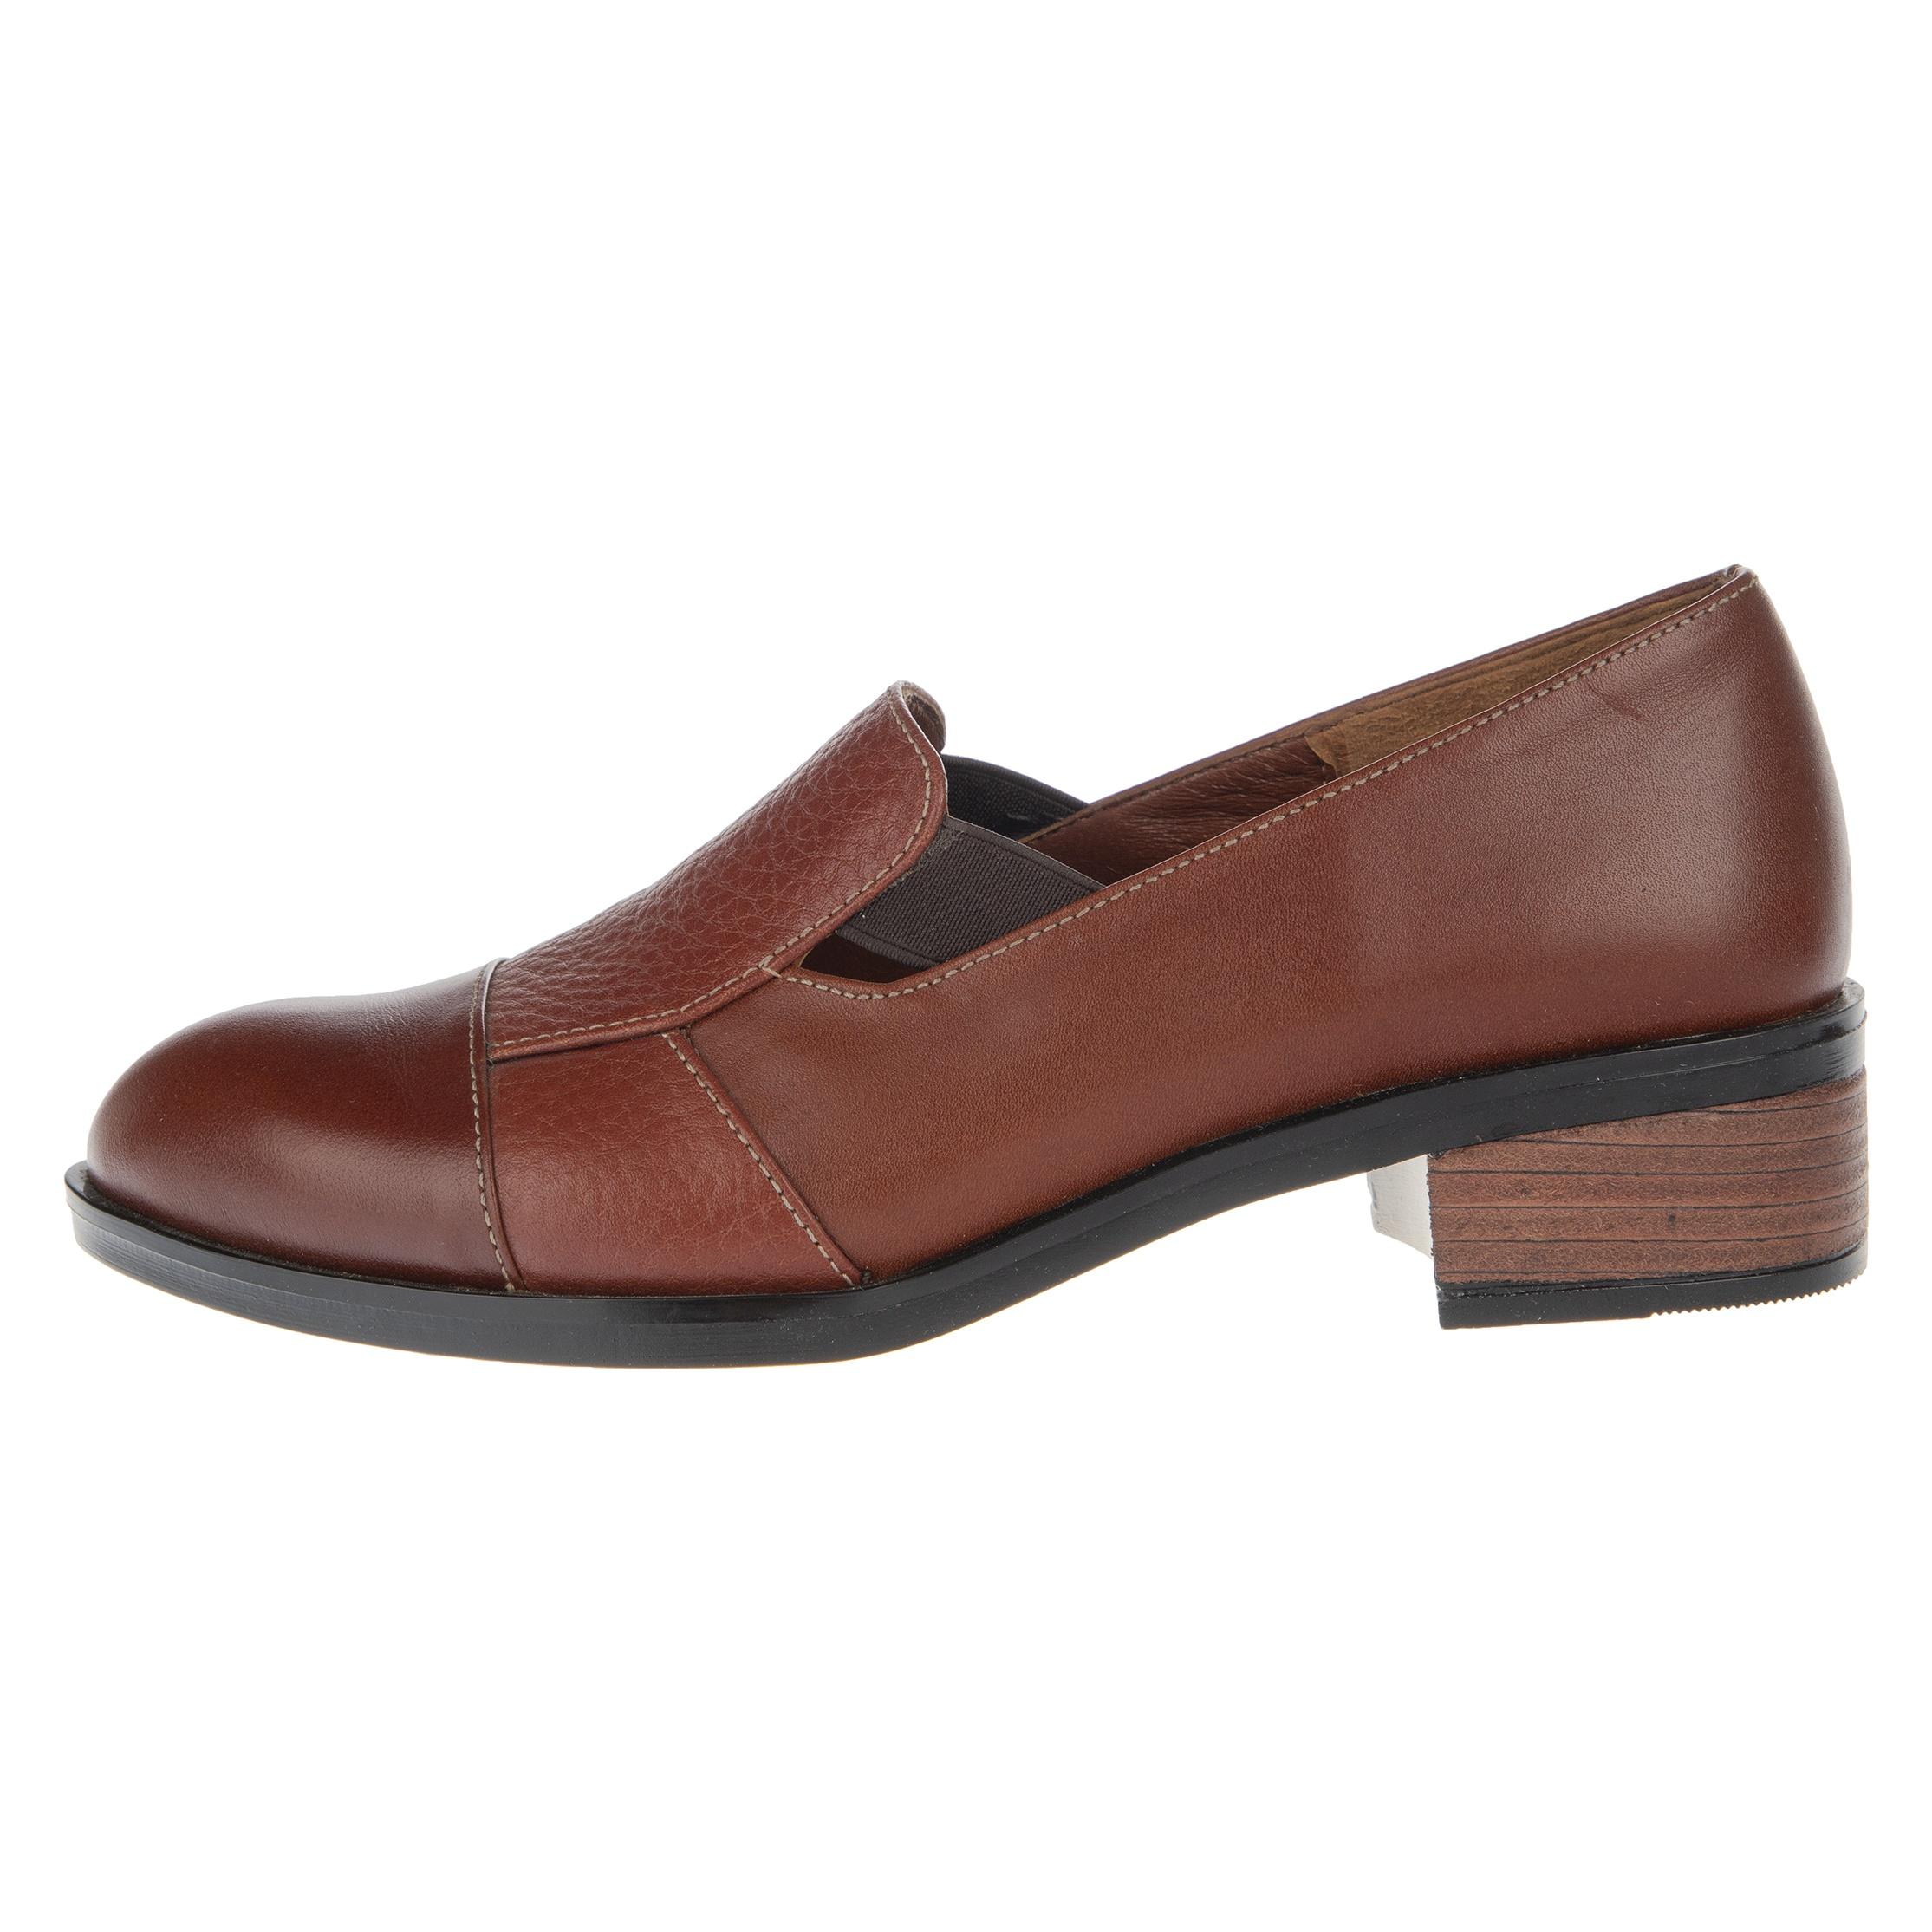 تصویر کفش روزمره زنانه شیفر مدل 5170A-136